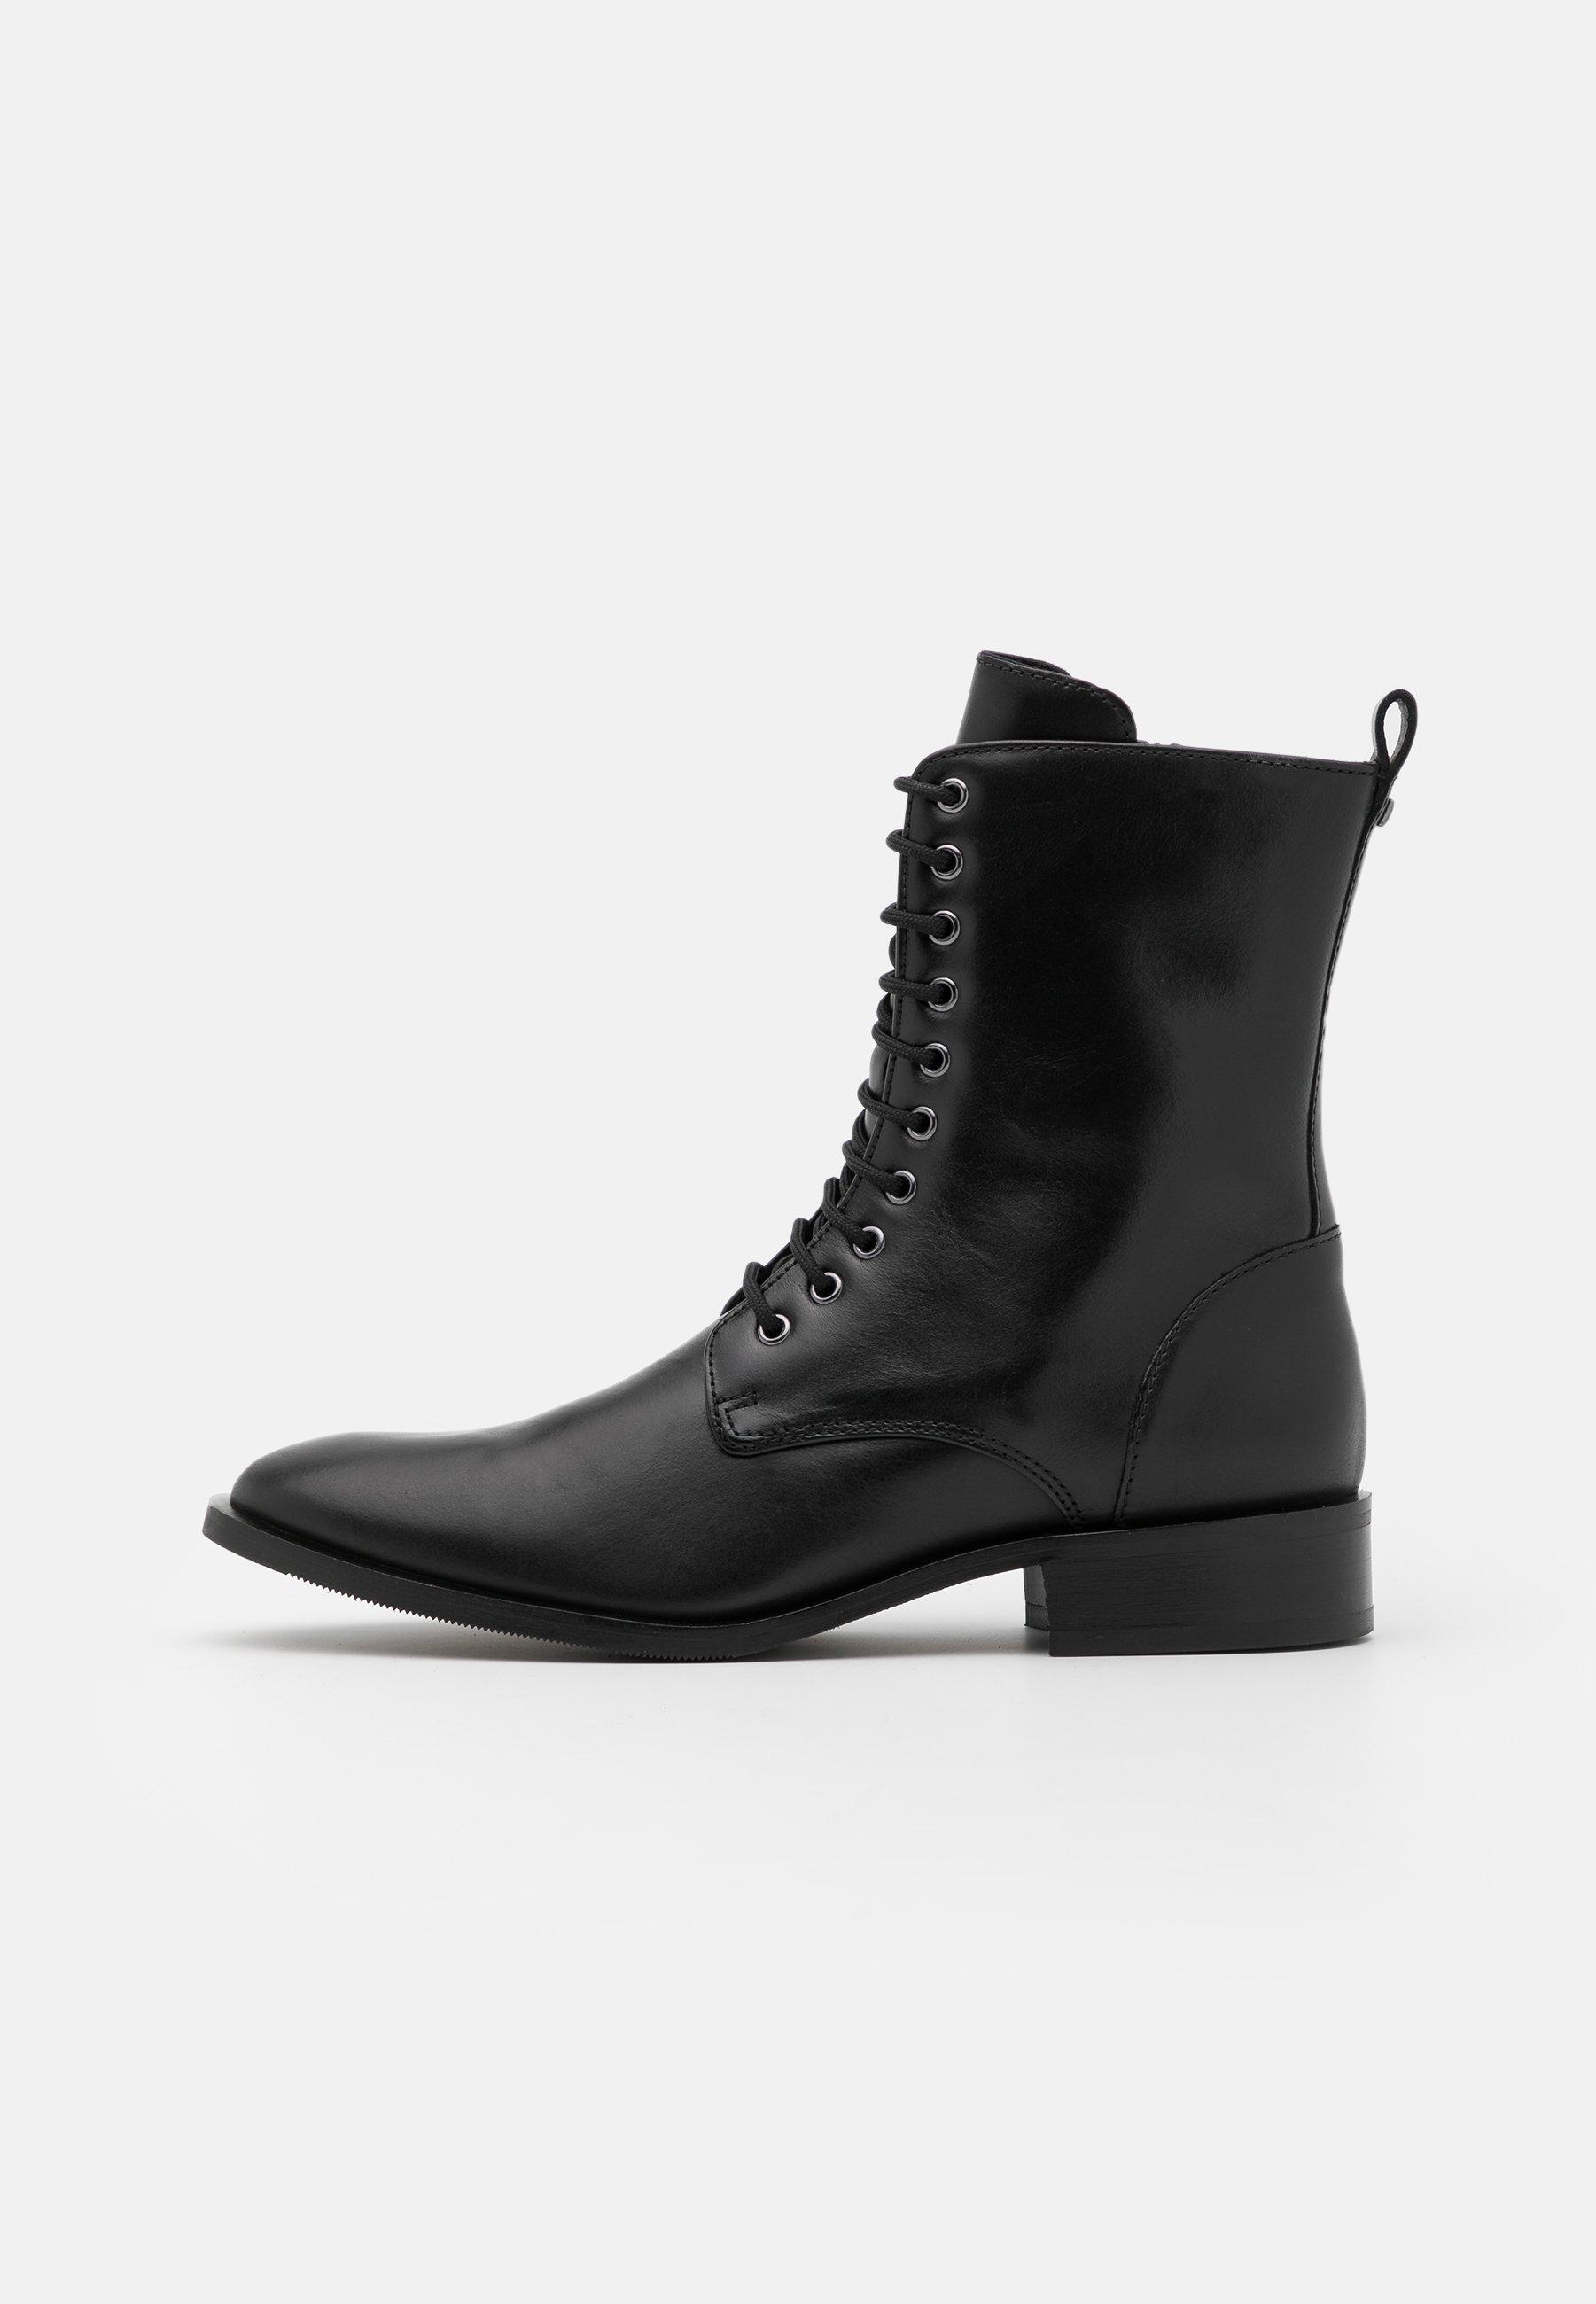 Sølv Högl Sko på nett | | Kjøp nye sko på nett hos Zalando Norge